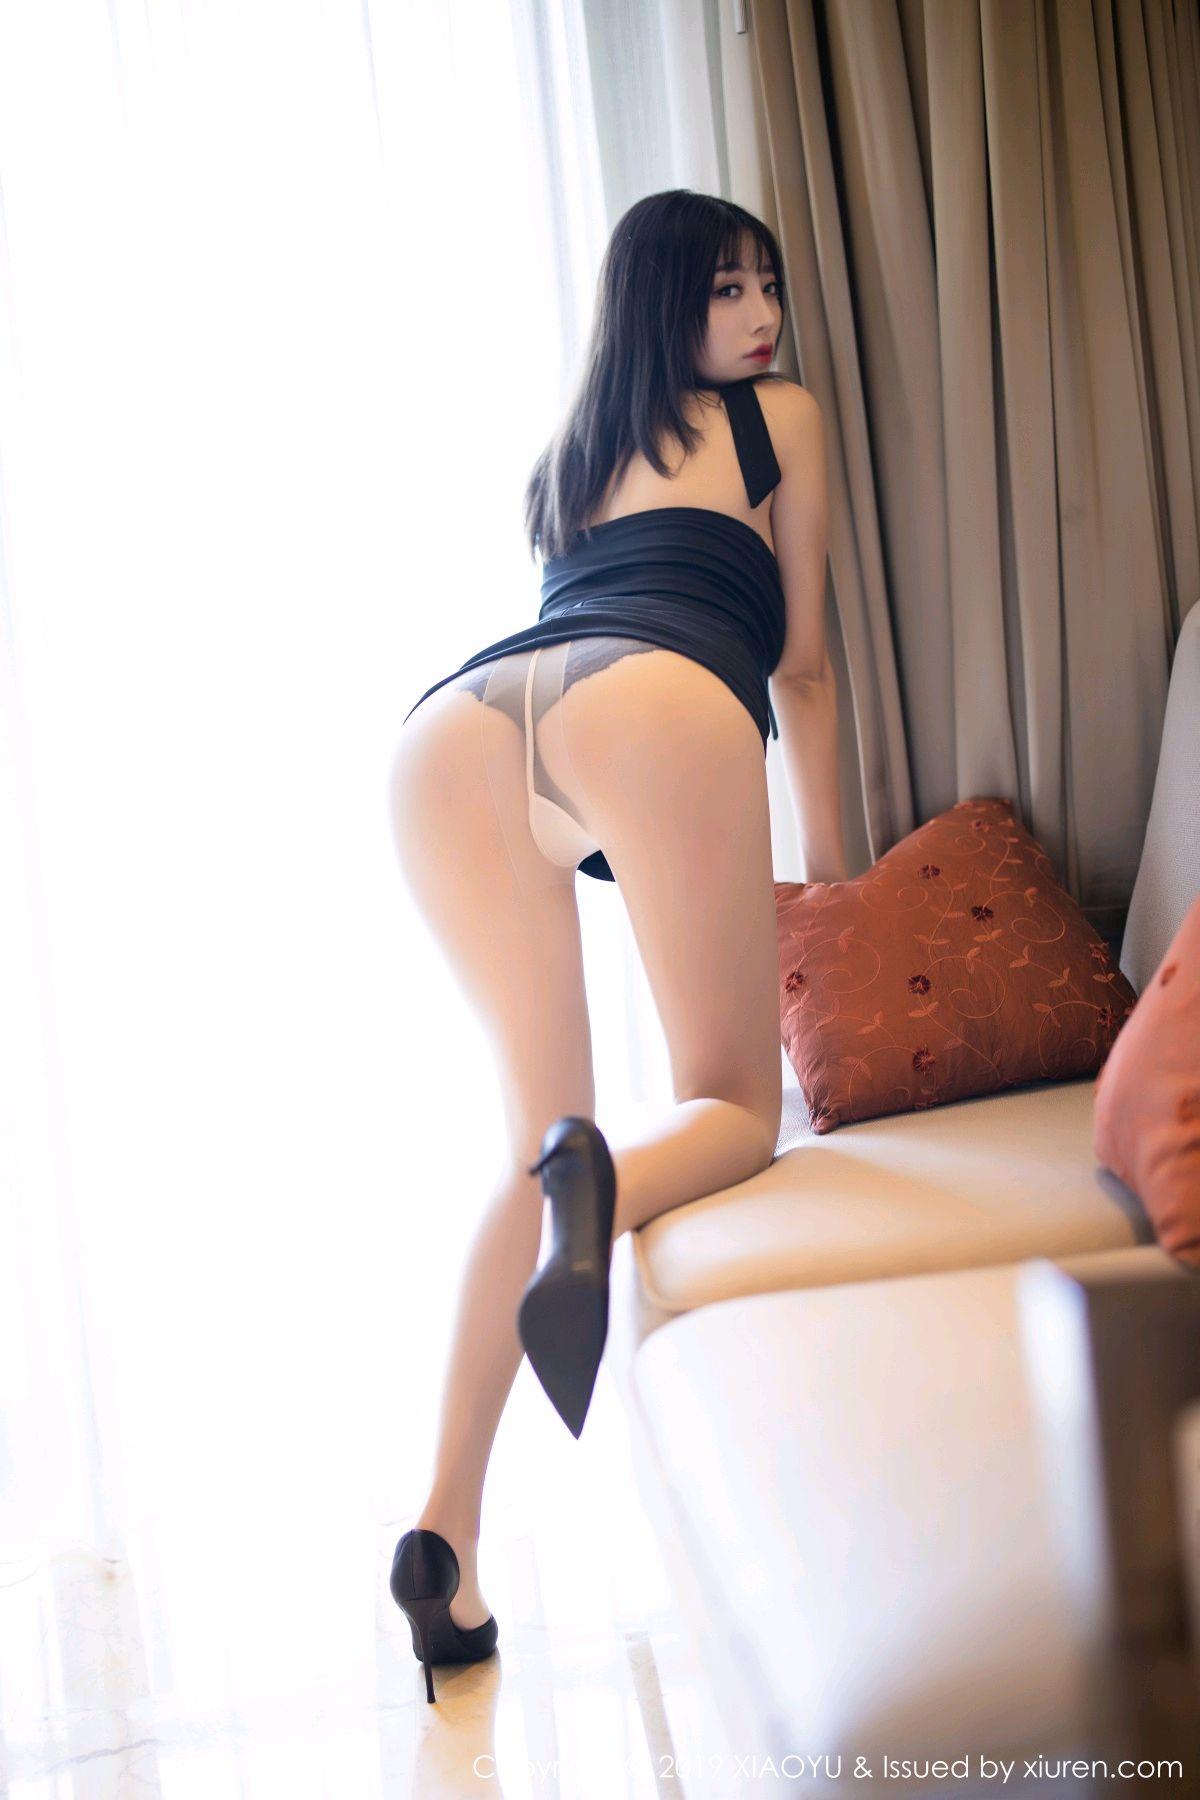 [XiaoYu] Vol.134 Yang Chen Chen 32P, Tall, Underwear, XiaoYu, Yang Chen Chen